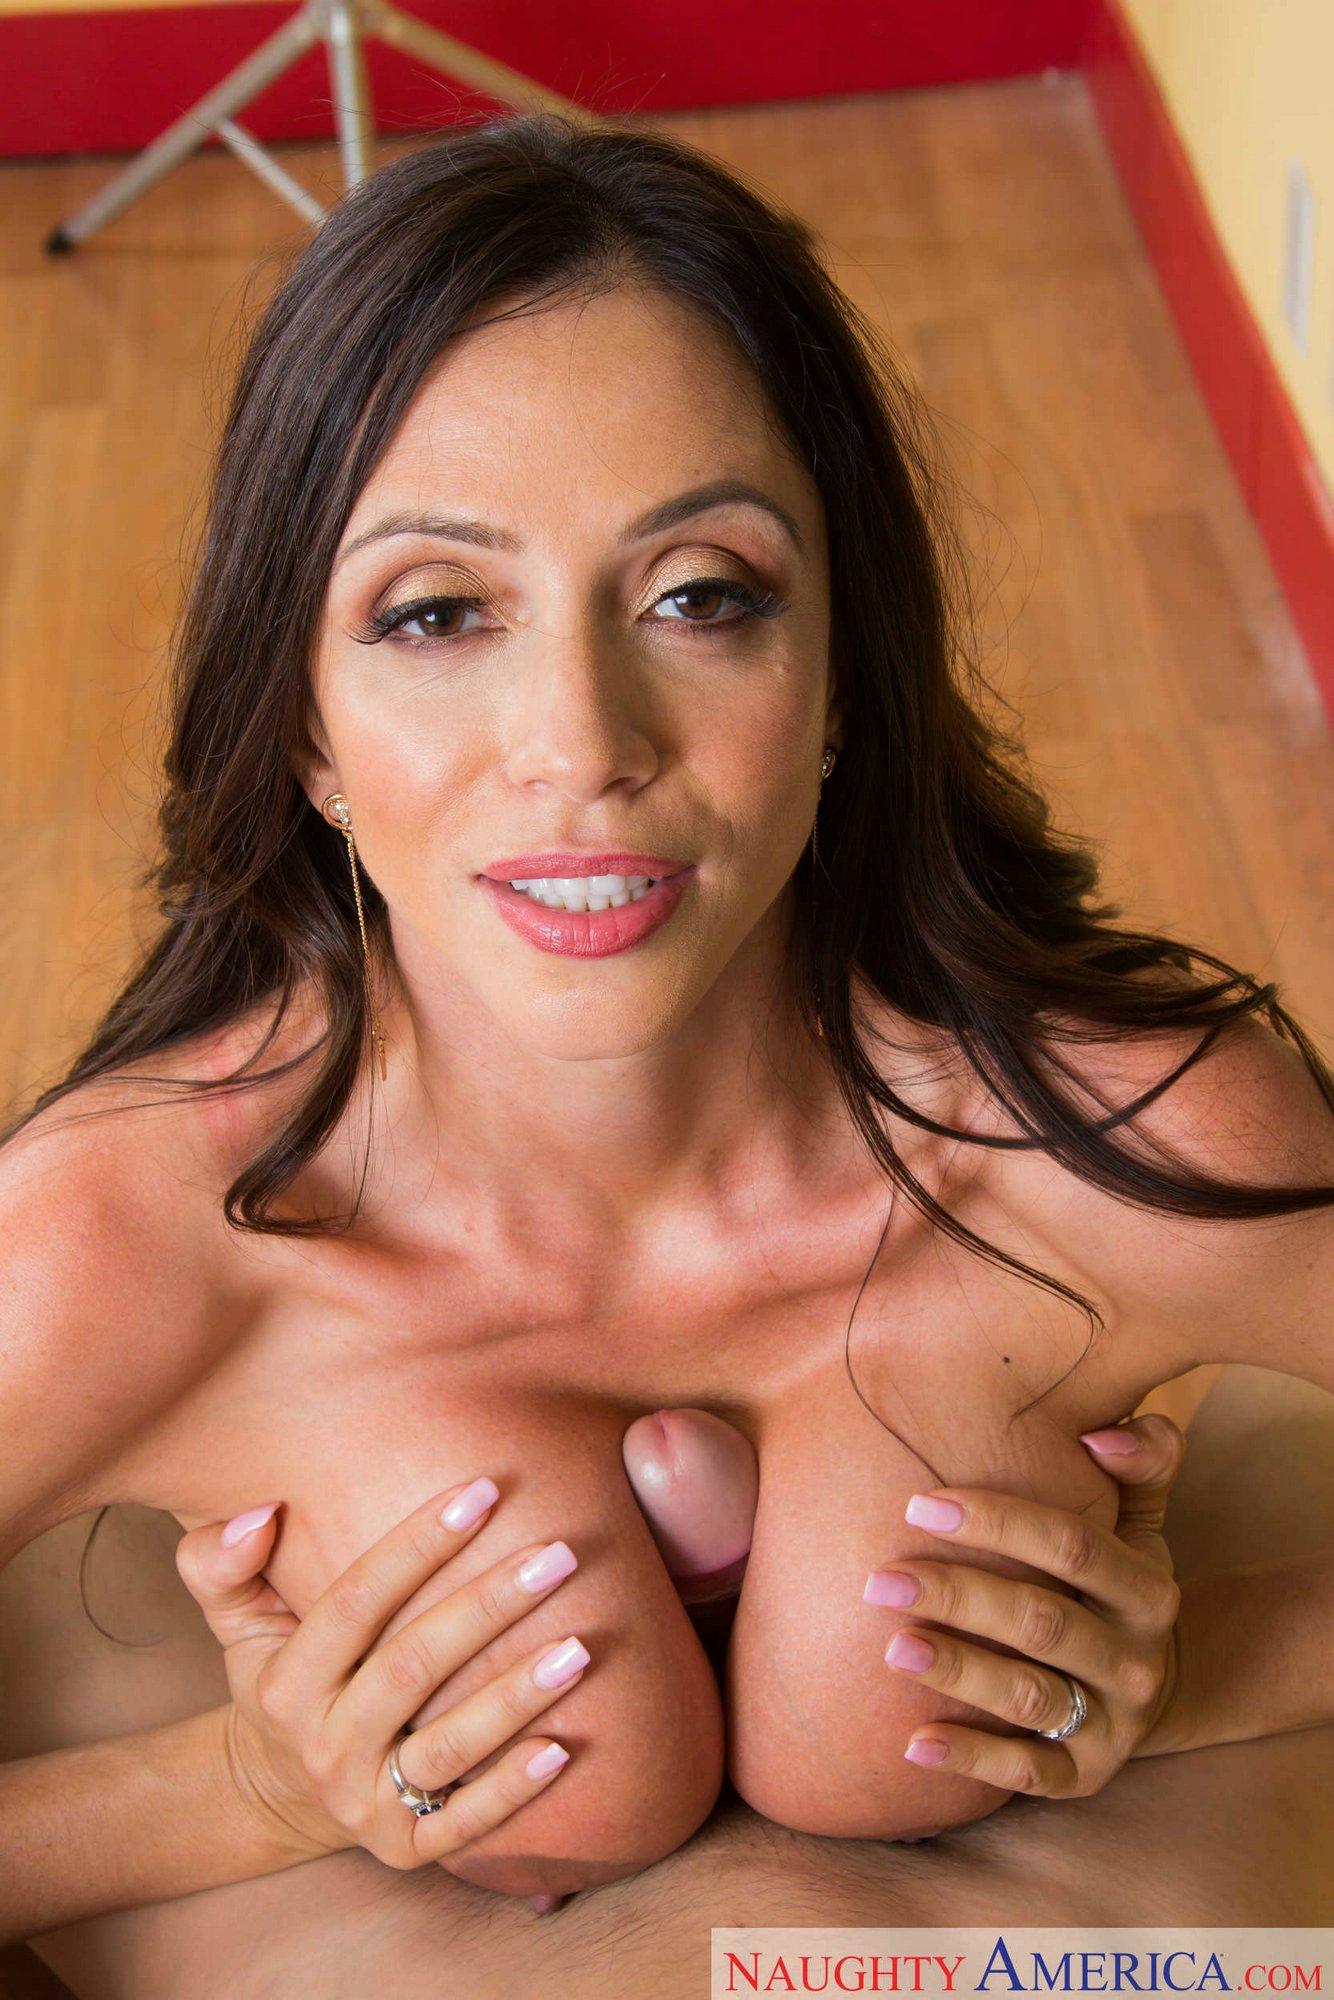 Naked women thick light skin